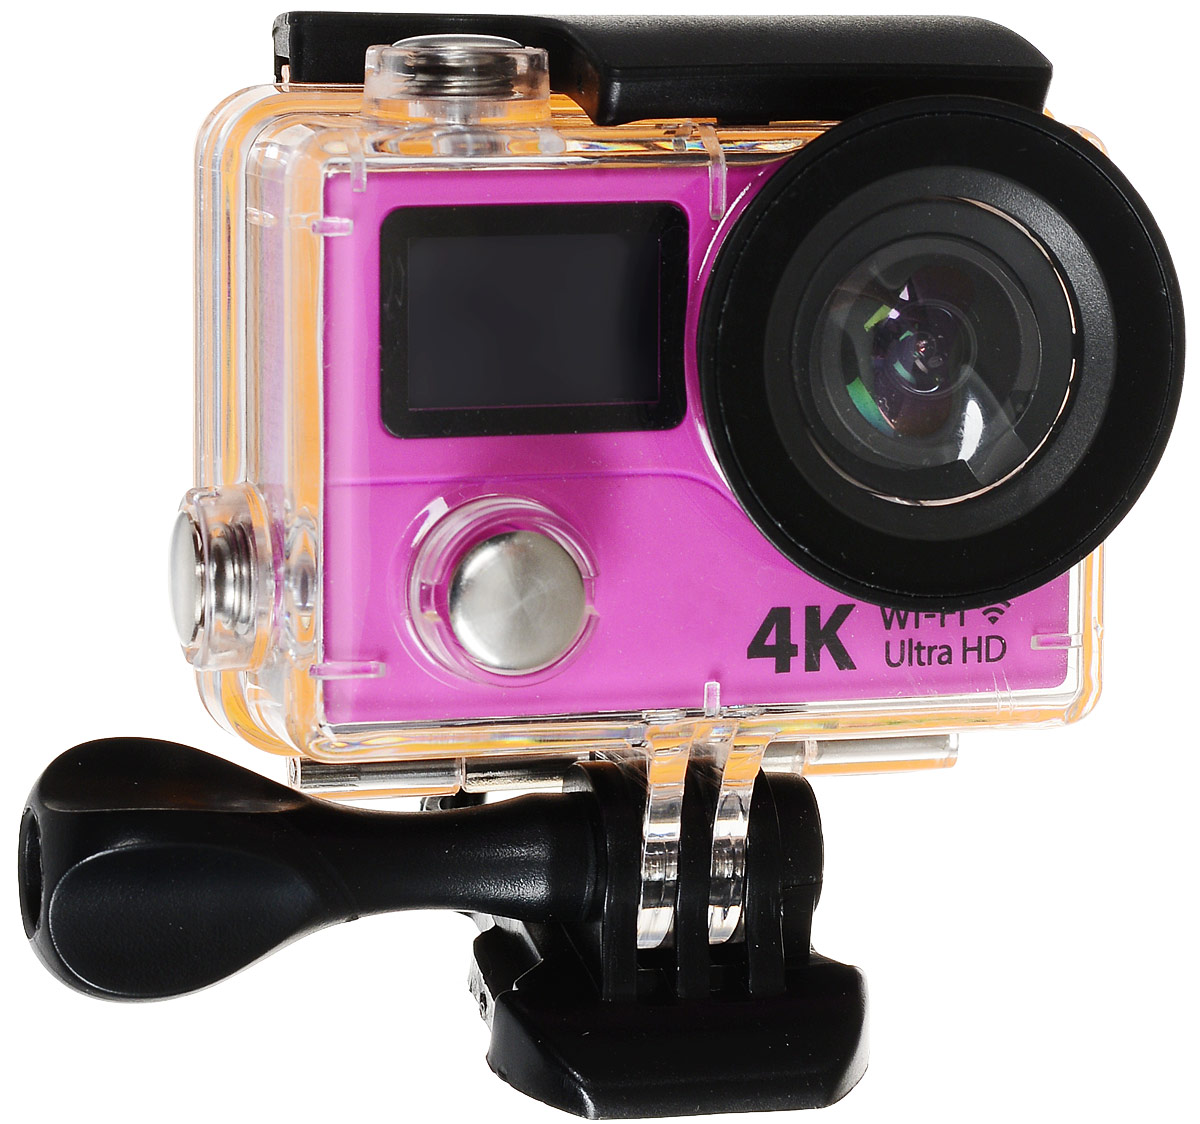 Eken H3R Ultra HD, Pink экшн-камераH3R/H8Rse_pinkЭкшн-камера Eken H3R Ultra HD позволяет записывать видео с разрешением 4К и очень плавным изображением до 25 кадров в секунду. Камера имеет два дисплея: 2 TFT LCD основной экран и 0.95 OLED экран статуса (уровень заряда батареи, подключение к WiFi, режим съемки и длительность записи). Эта модель сделана для любителей спорта на улице, подводного плавания, скейтбординга, скай-дайвинга, скалолазания, бега или охоты. Снимайте с руки, на велосипеде, в машине и где угодно. По сравнению с предыдущими версиями, в Eken H3R Ultra HD вы найдете уменьшенные размеры корпуса, увеличенный до 2-х дюймов экран, невероятную оптику и фантастическое разрешение изображения при съемке 25 кадров в секунду!Управляйте вашей H3R на своем смартфоне или планшете. Приложение Ez iCam App позволяет работать с браузером и наблюдать все то, что видит ваша камера. В комплекте с камерой идет пульт ДУ работающий на частоте 2,4 ГГц. Он позволяет начинать и заканчивать съемку удаленно. Как выбрать экшн-камеру. Статья OZON Гид